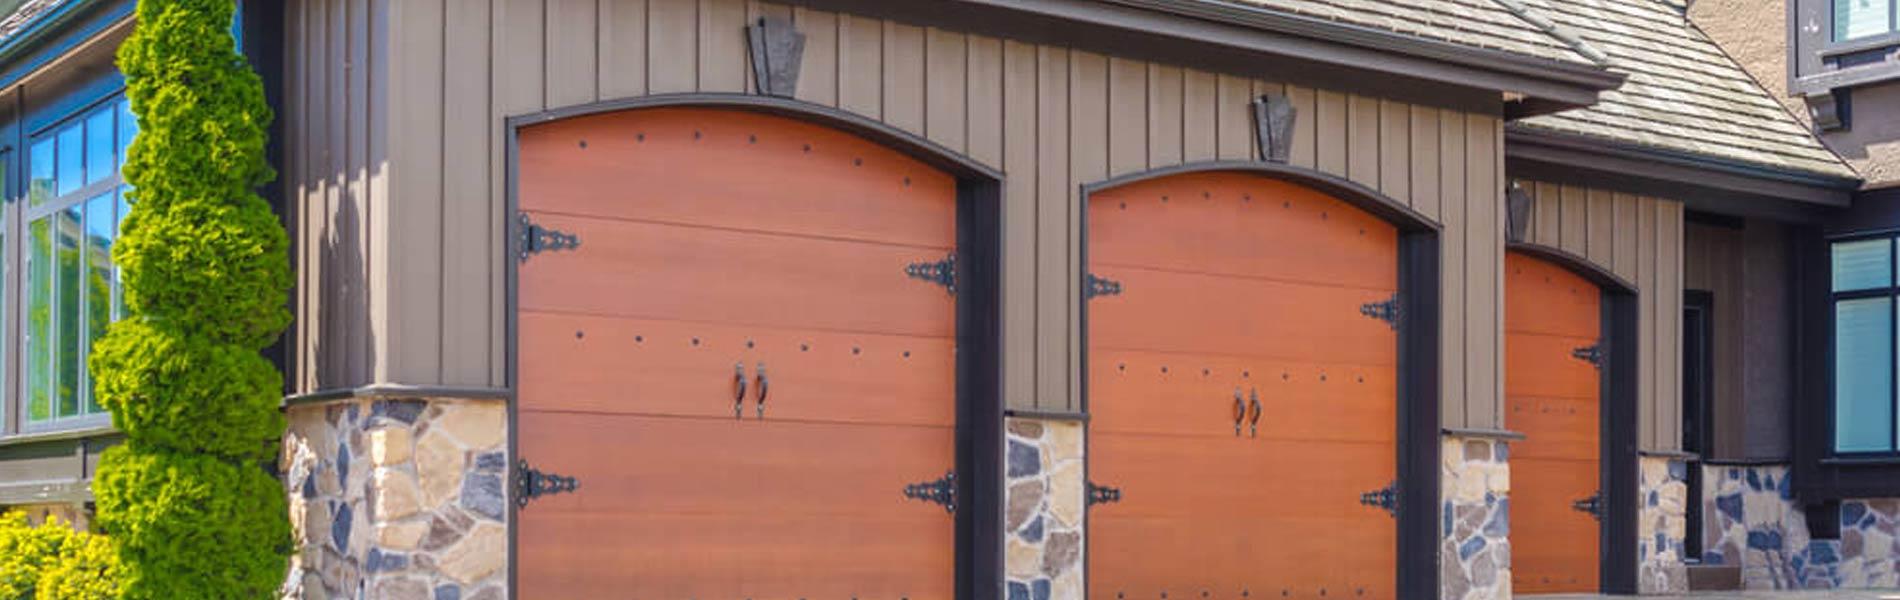 Renton Garage Door Shop Garage Doors Renton Wa 425 984 5784